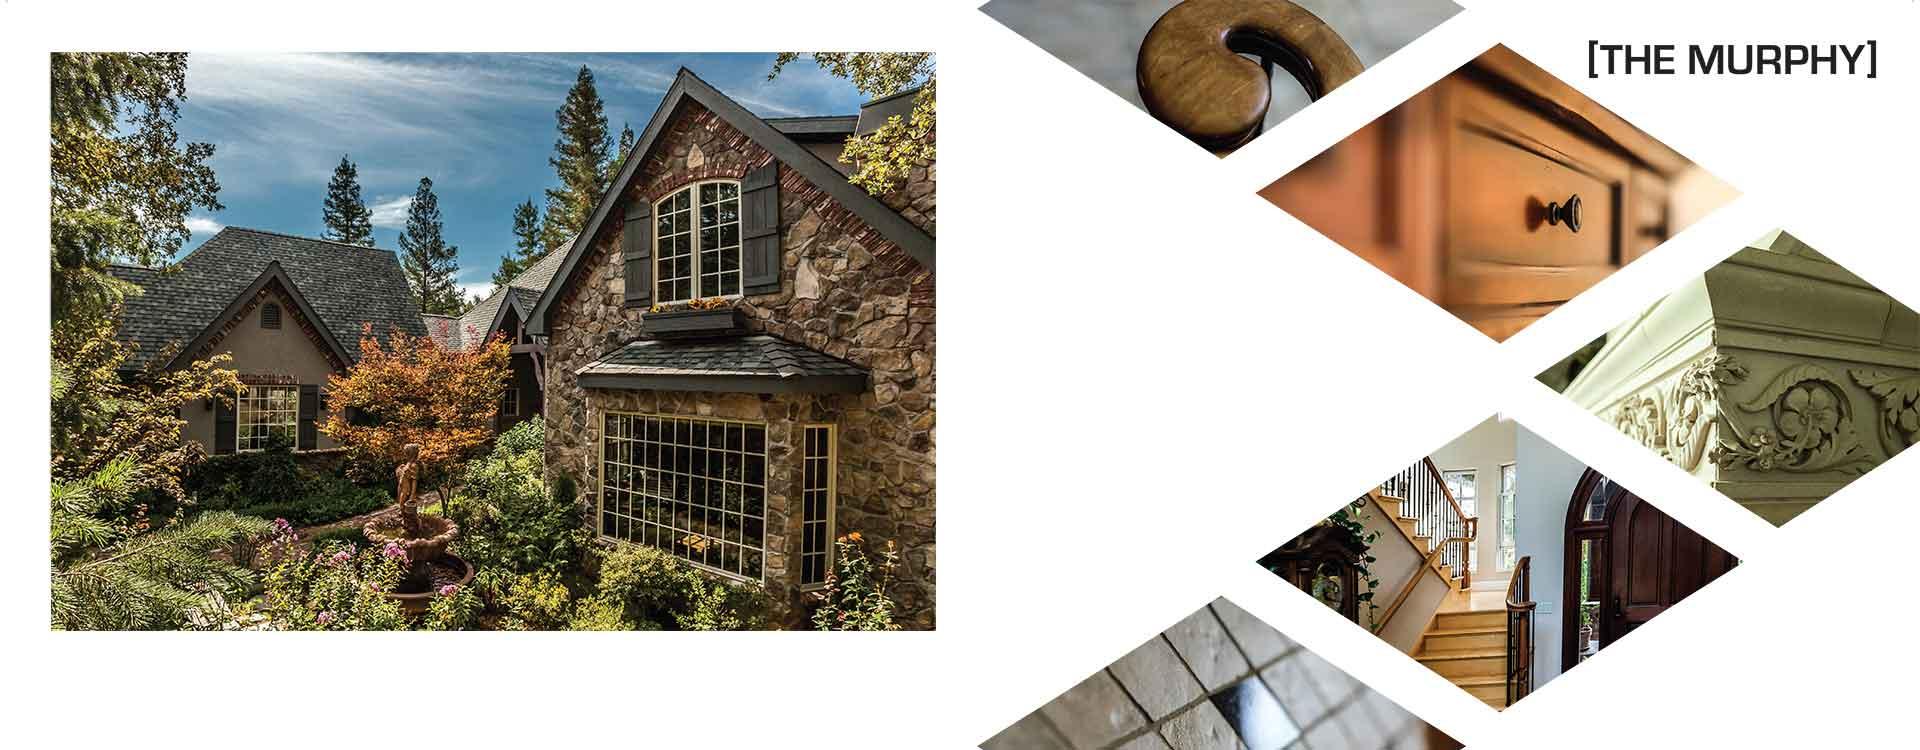 Len-Stevens-Construction-Grass-Valley-The-Murphy-Home